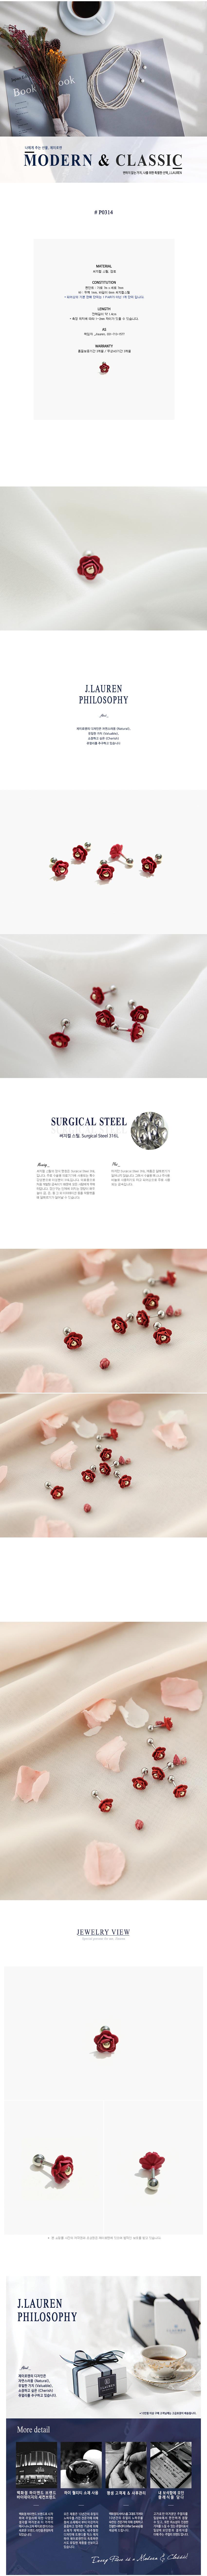 제이로렌 91P00314 로즈 장미꽃 써지컬스틸 피어싱 - 바이데이지, 8,000원, 실버, 이어커프/피어싱